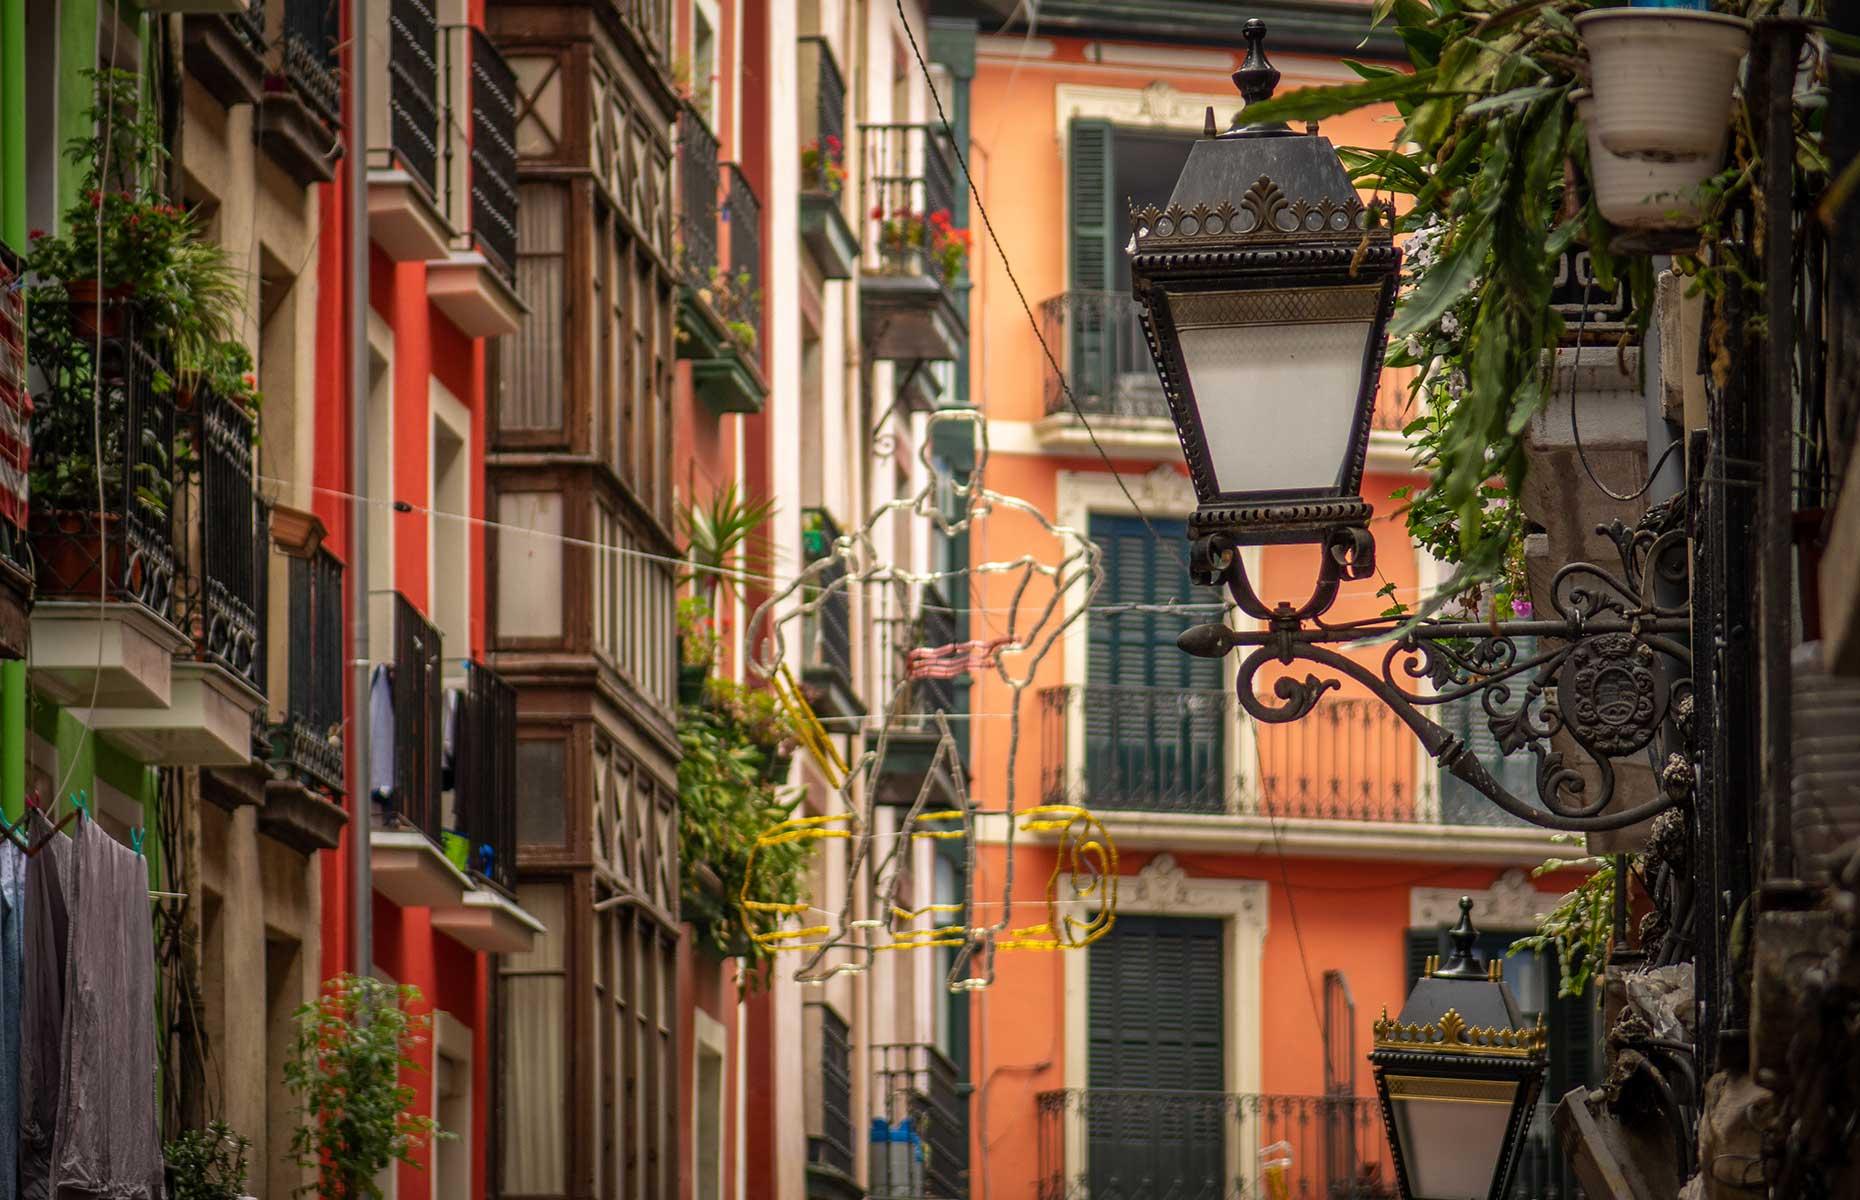 Bilbao's Old Town (Image: Stefan Lenz/Shutterstock)